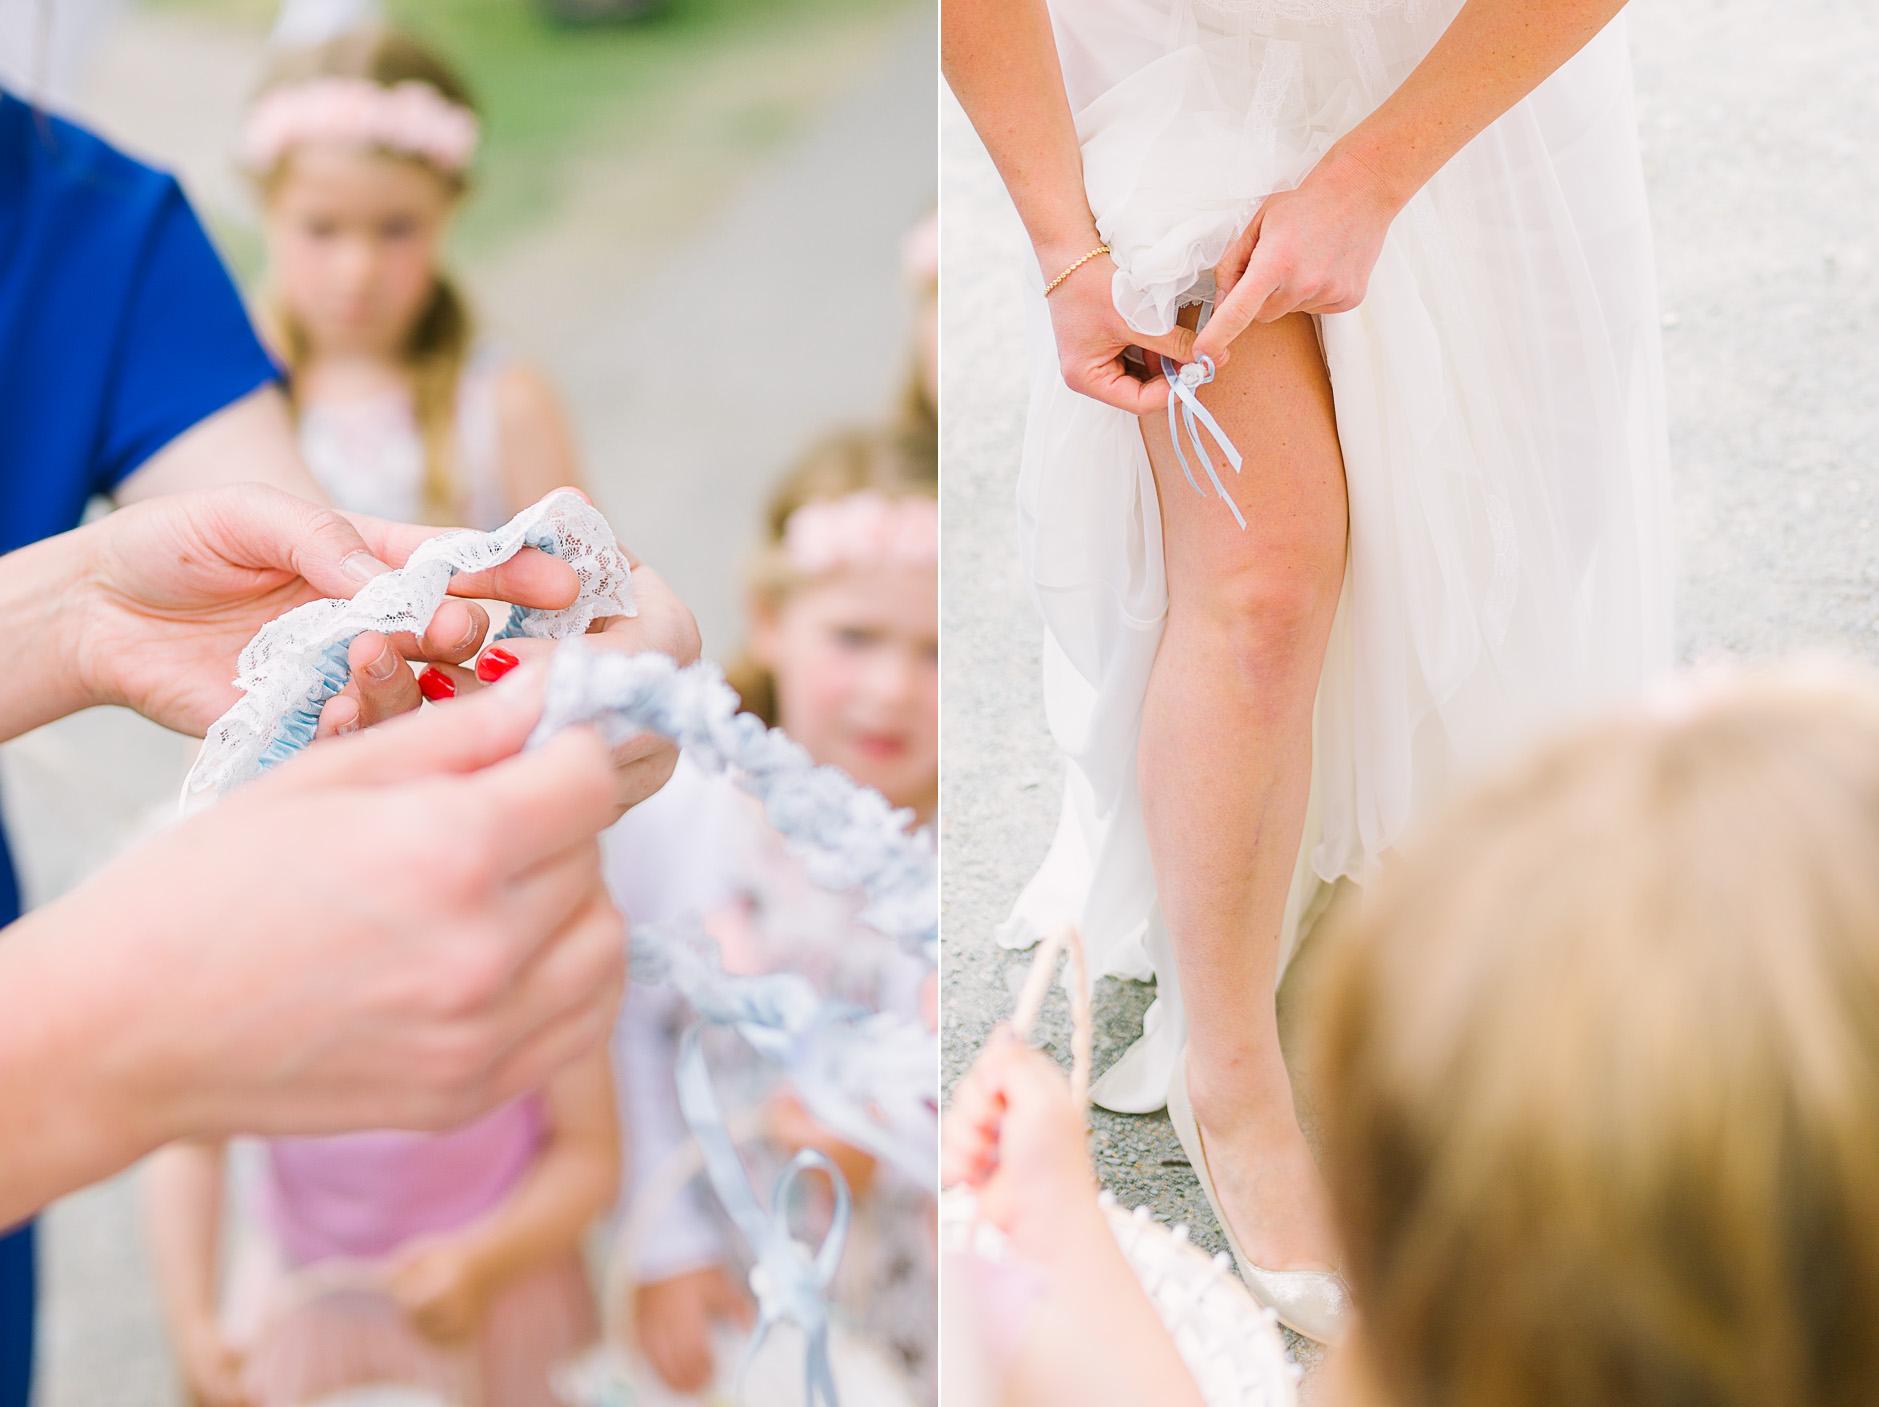 Hochzeitsfotograf Le Hai Linh Koeln Duesseldorf Bonn Zirkushochzeit Vintagehochzeit Sommerhochzeit 050.jpg